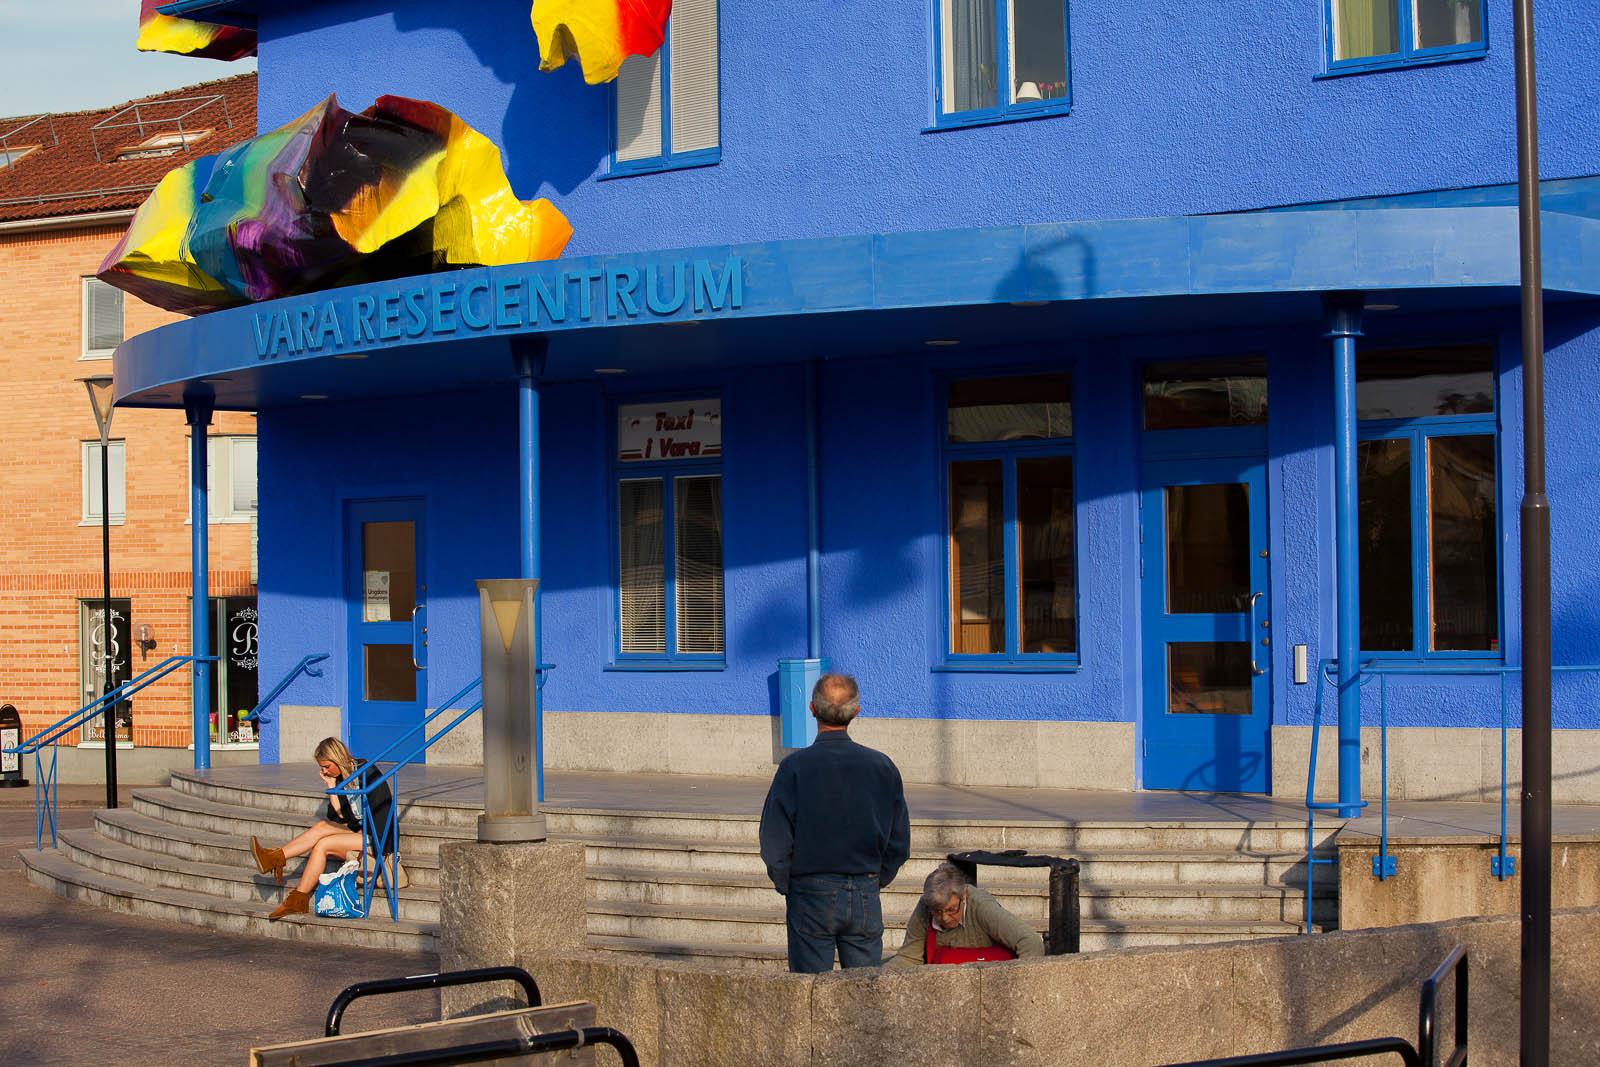 Detalj av blåmålade Vara Resecentrum, med färgglada objekt på taket. Människor som tittar. Katharina Grosse, Blue Orange, 2012